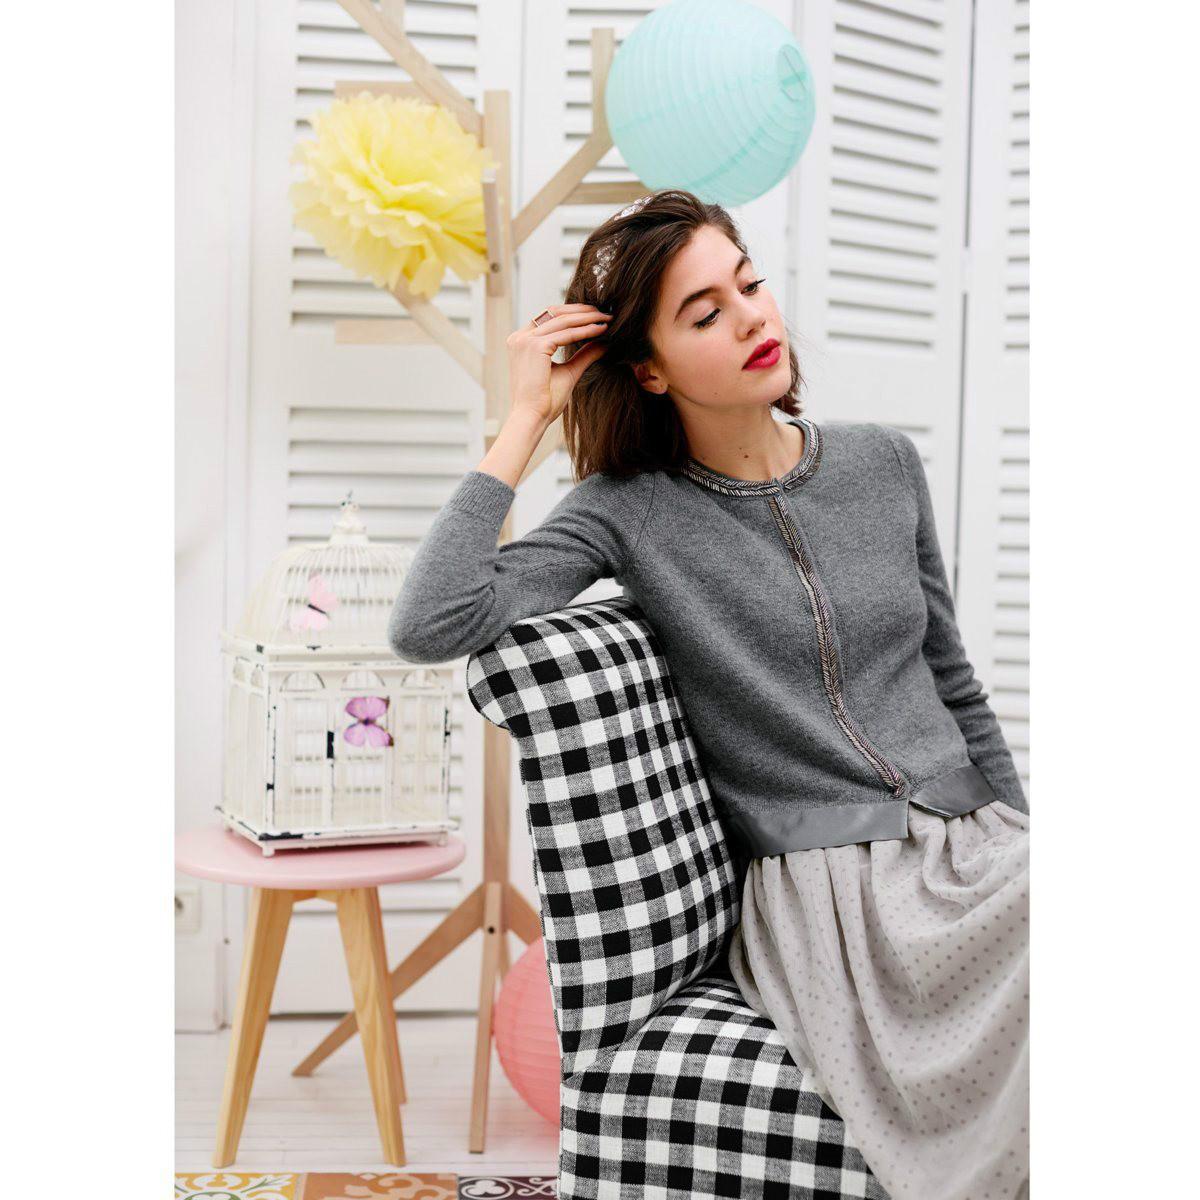 【法国LR】单品特价:Mademoidelle R 波点网纱半身裙仅需24 5欧!